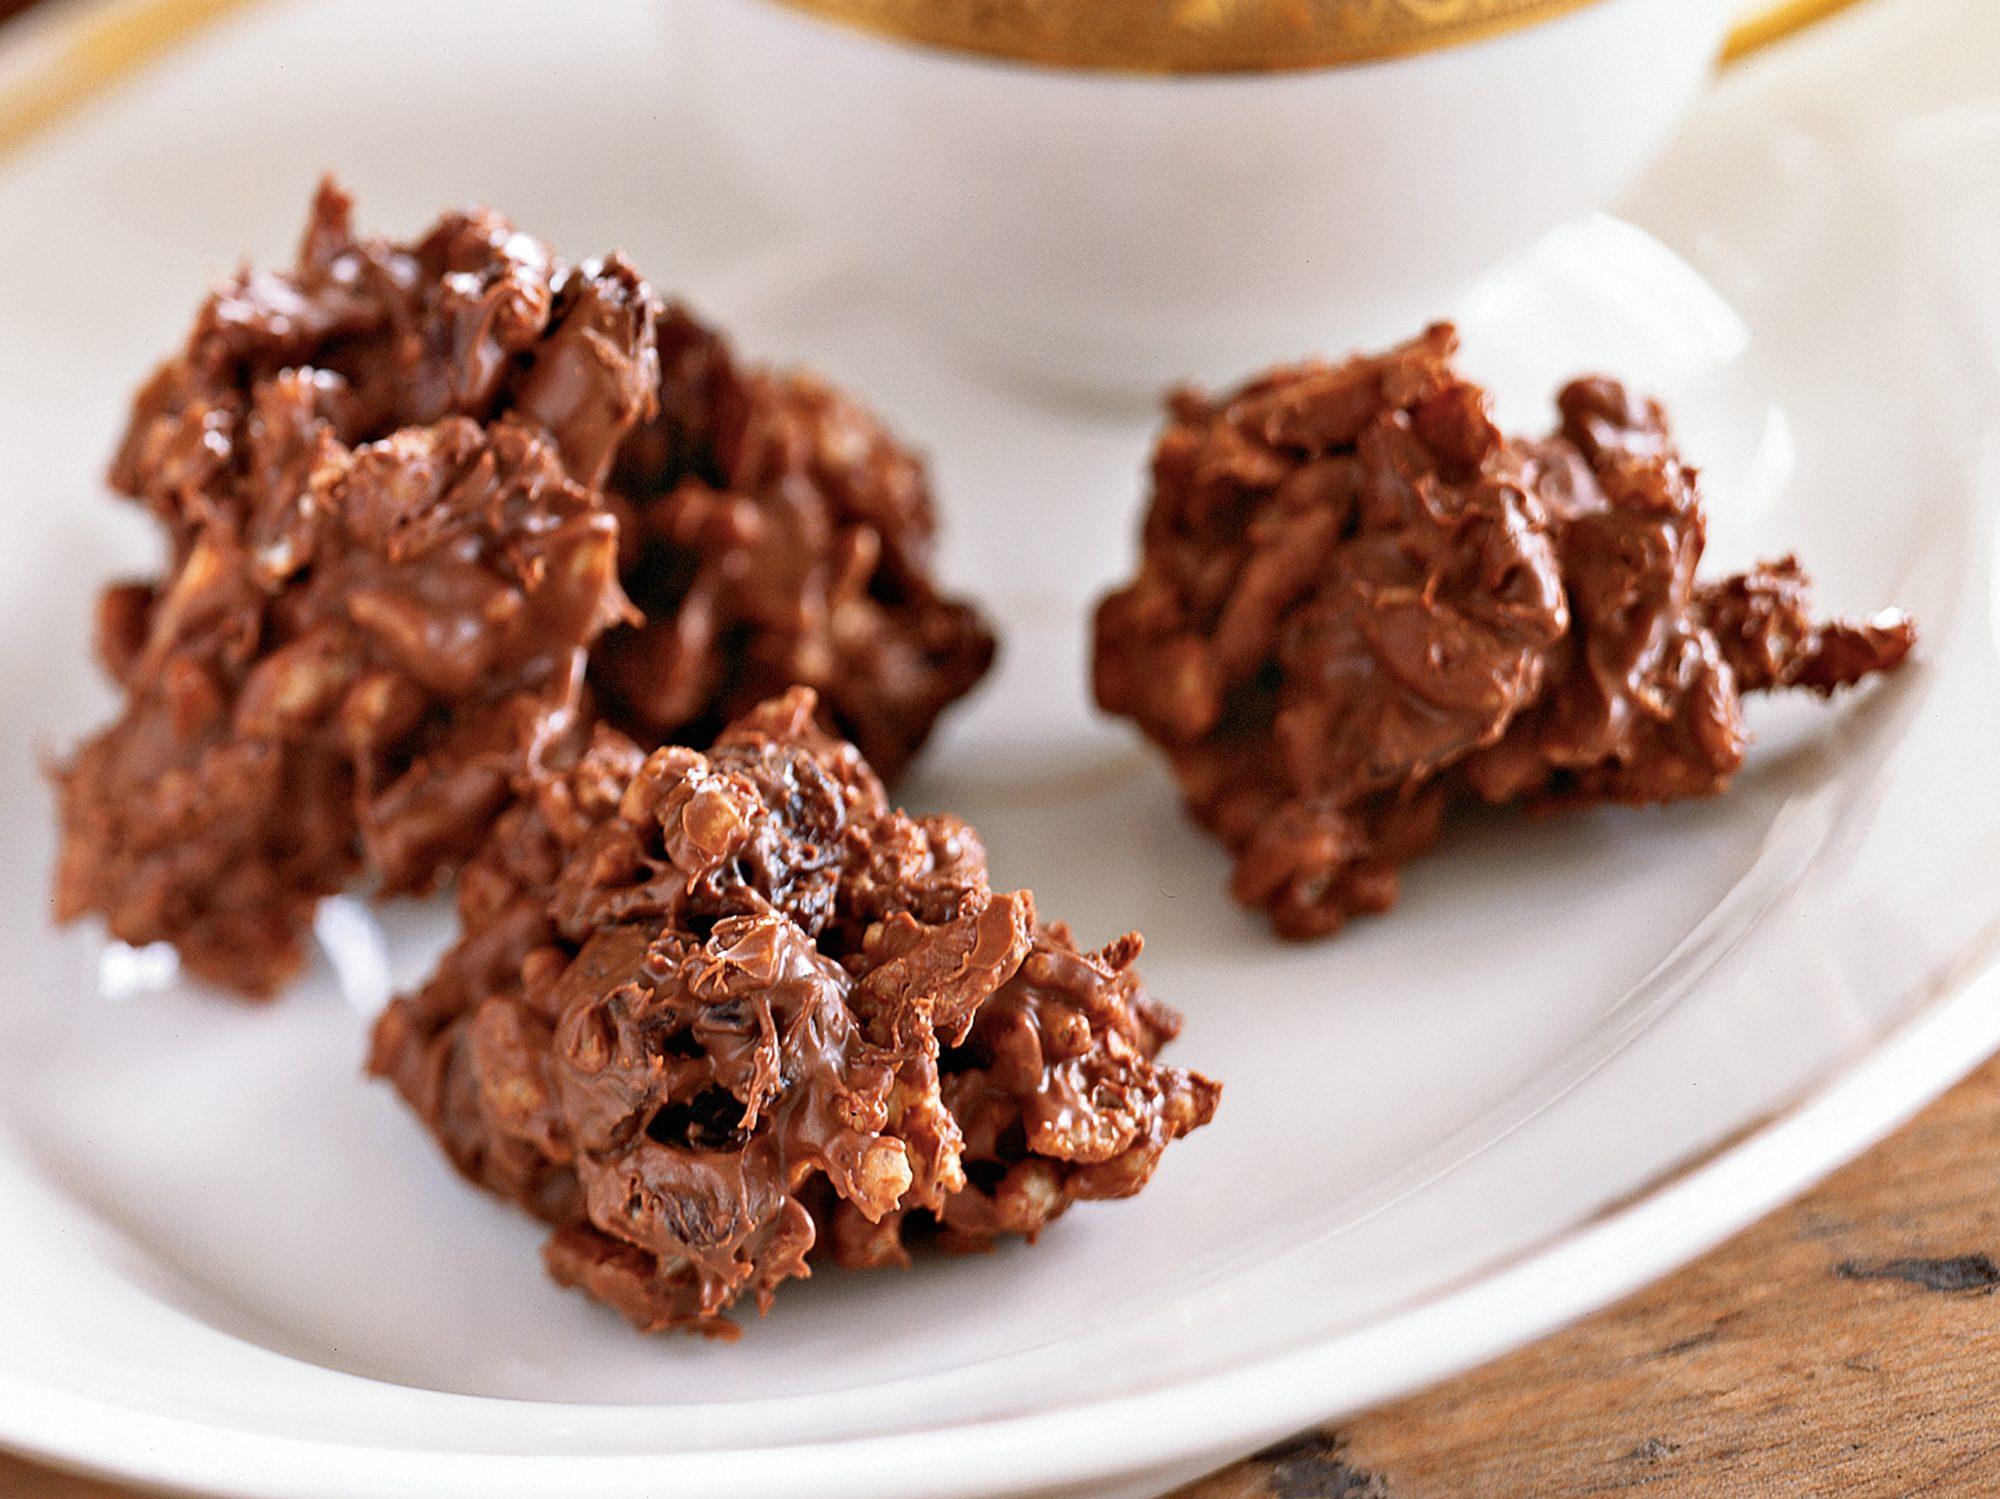 Chocolate Almond Cherry Crisps